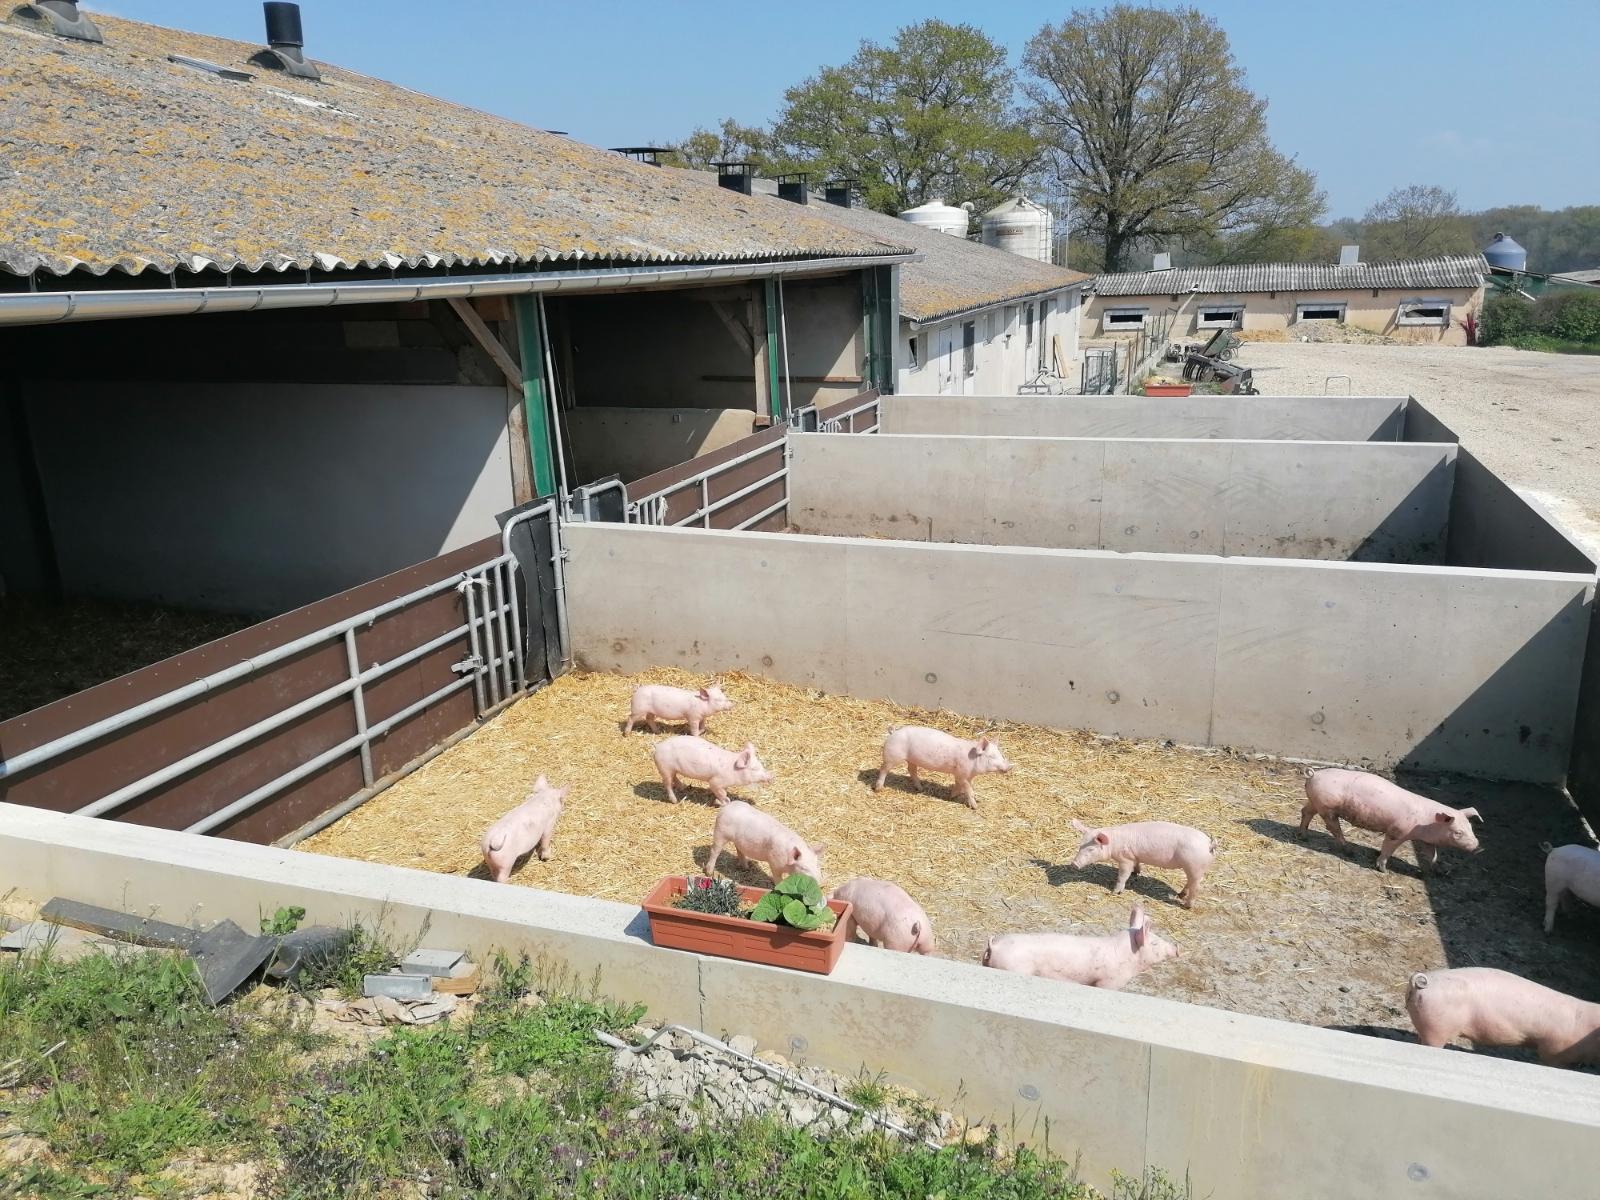 La Corbiniere Vente De Porc Mayenne Img 4